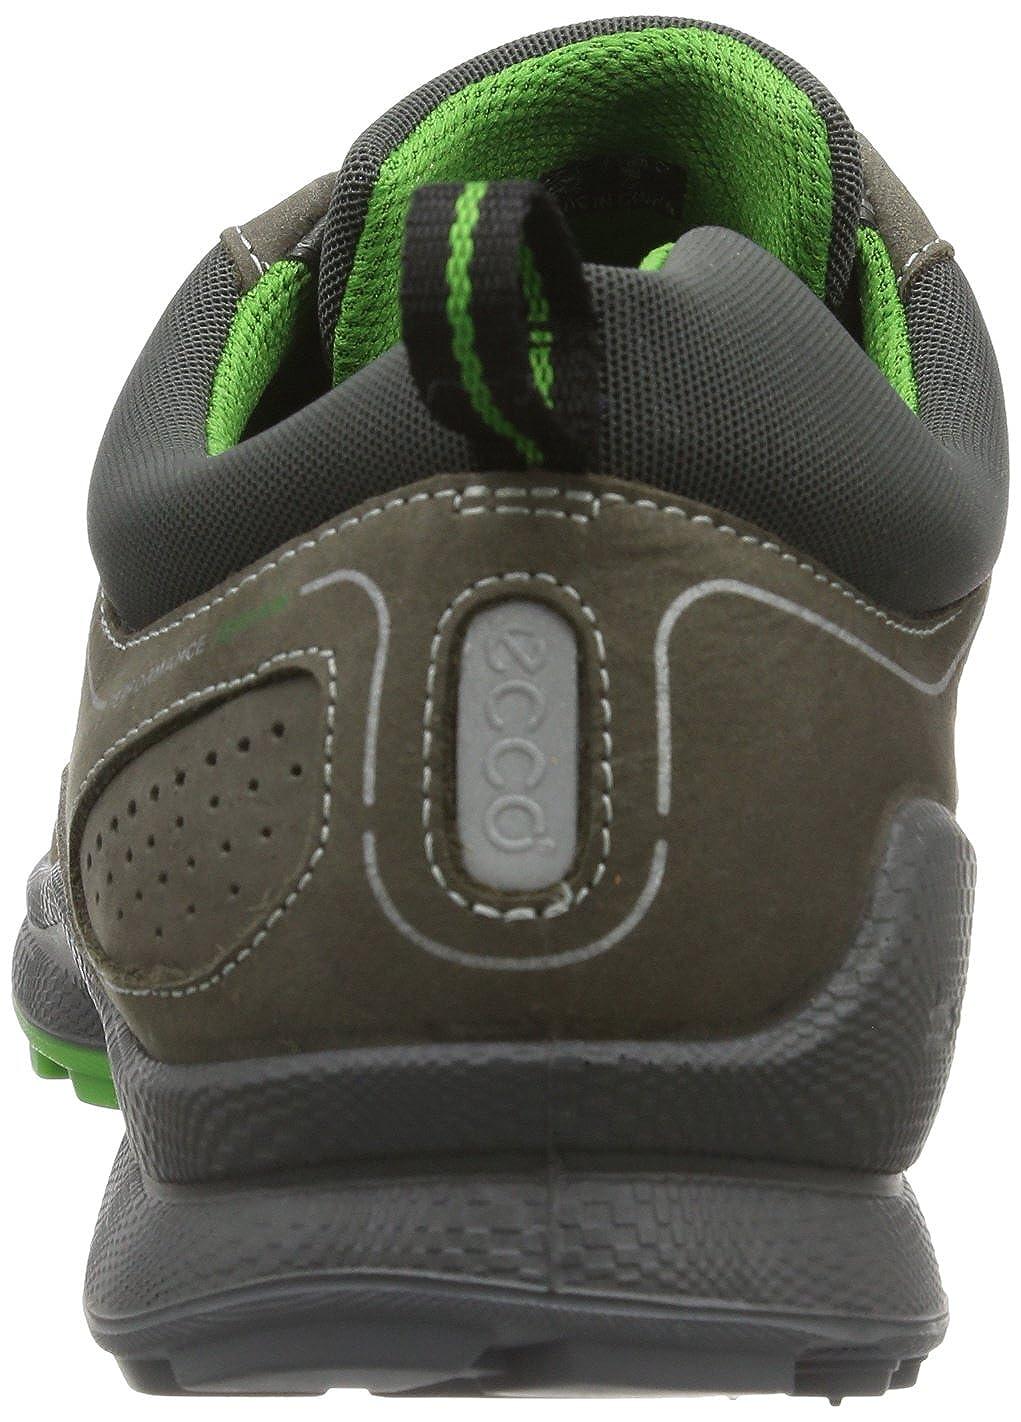 G Outdoor Warm Homme Sandalen Synyabuc 840034 Ultra Greywarm Sportamp; Ecco Grey Biom 6gYvbfyI7